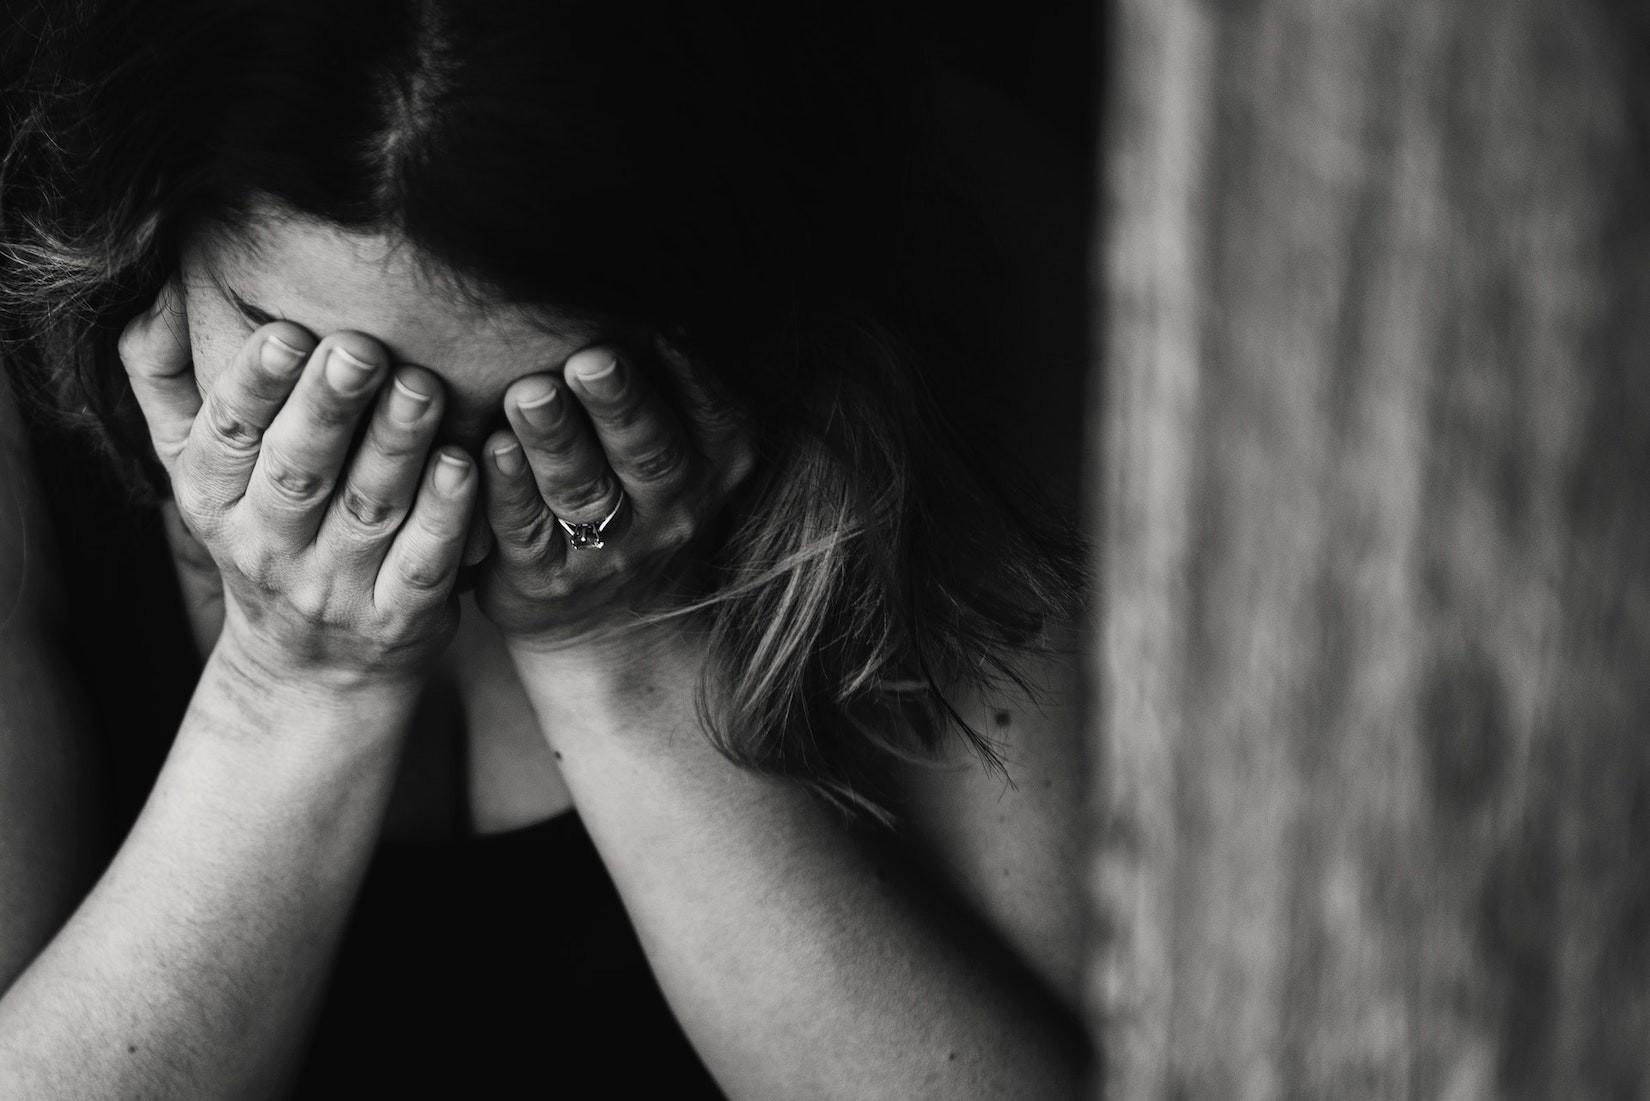 War es Suizid oder nicht: Wer muss das nachweisen, wenn Versicherung nicht zahlen will